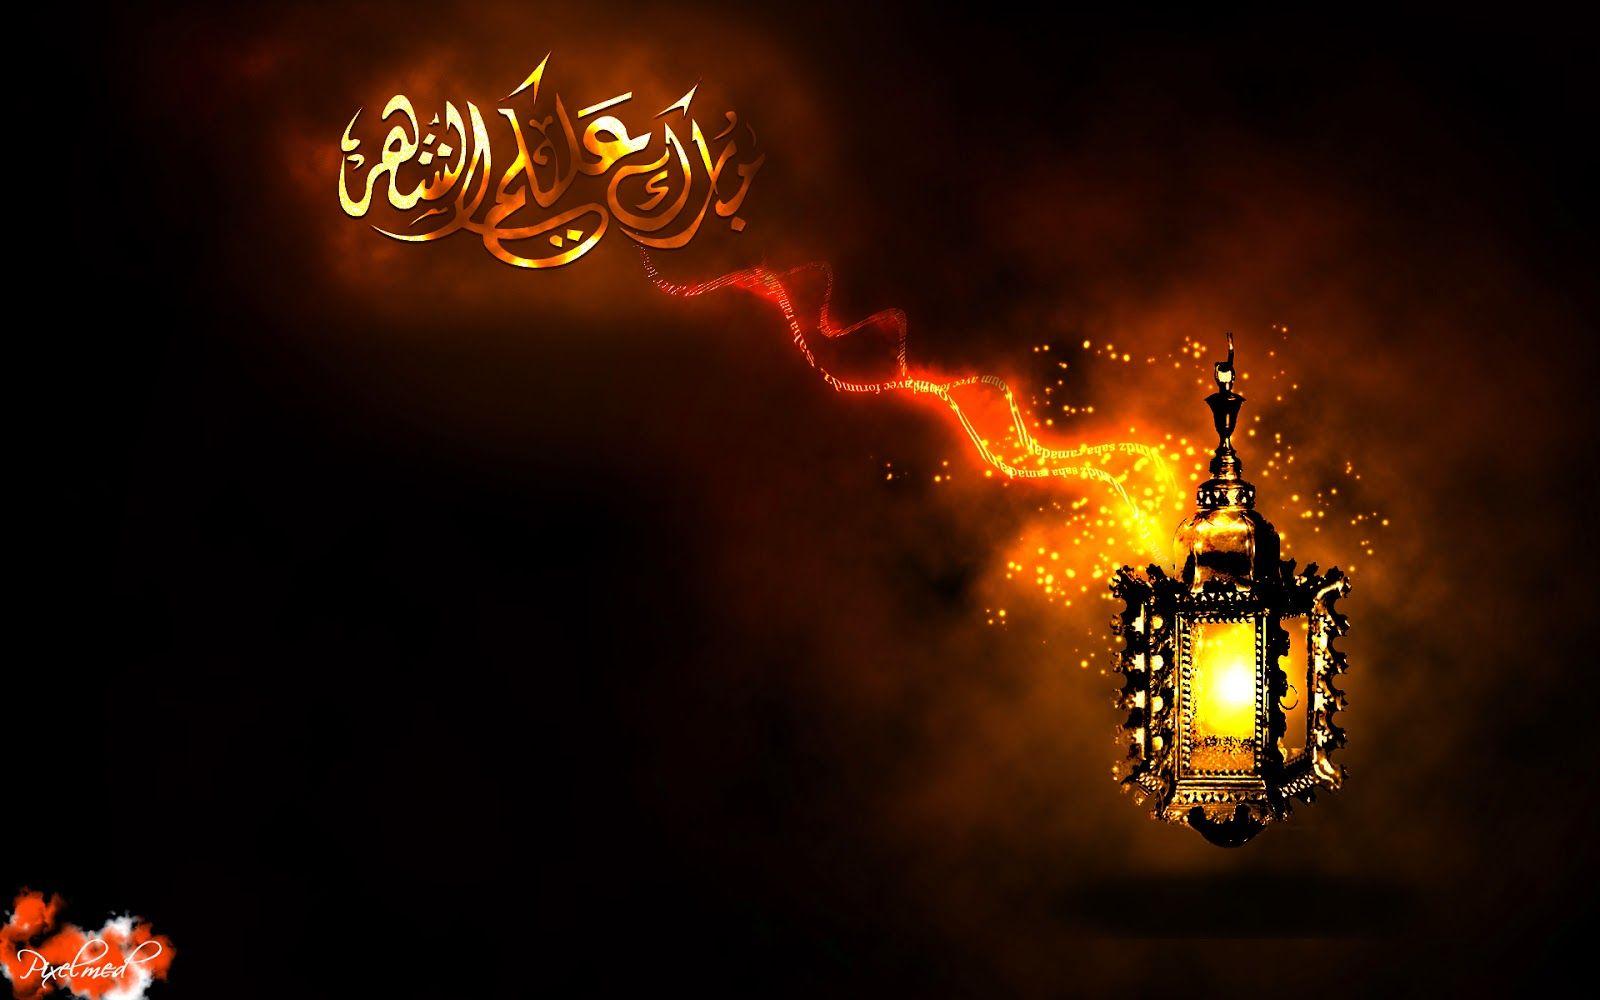 أجمل خلفيات لشهر رمضان 2014 Hd Ramzan Wallpaper Ramadan Mubarak Wallpapers Islamic Wallpaper